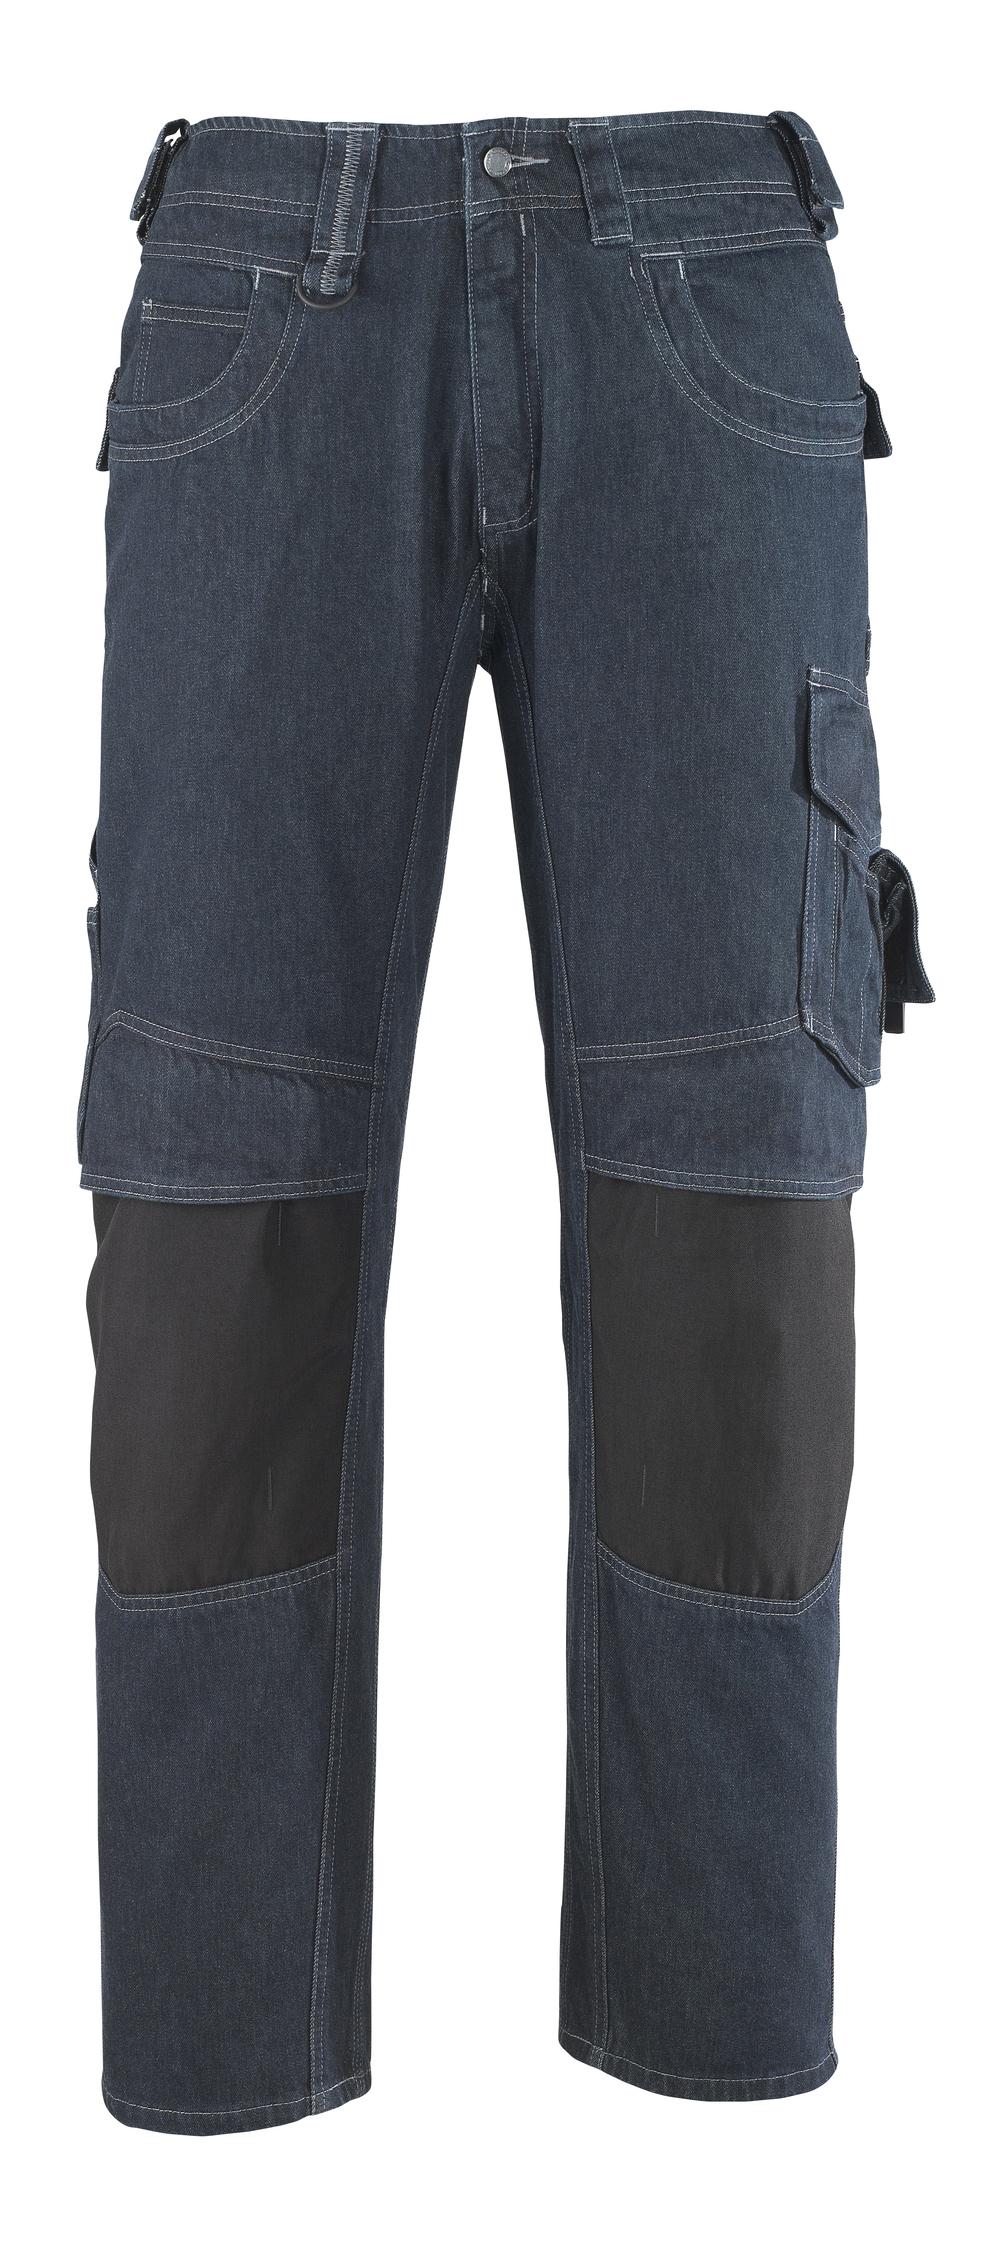 13279-207-B52 Jeans mit Knietaschen - Denimblau